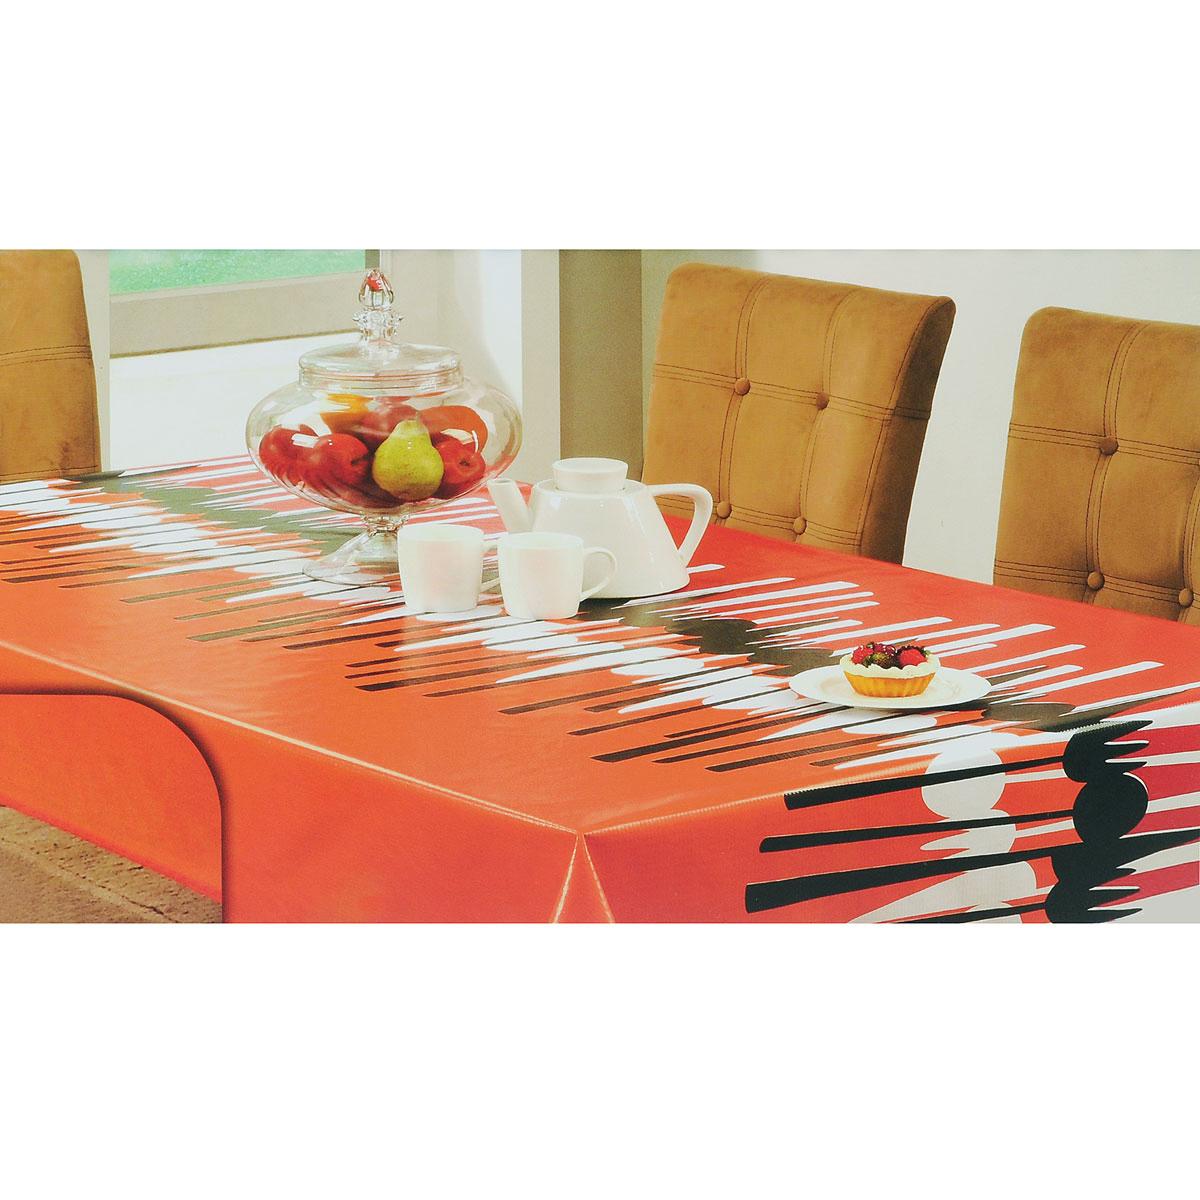 Скатерть White Fox Осень, прямоугольная, цвет: красный, оранжевый, 152  x 228 см скатерти white fox скатерть party standart пвх с основой из флиса 152 228 см